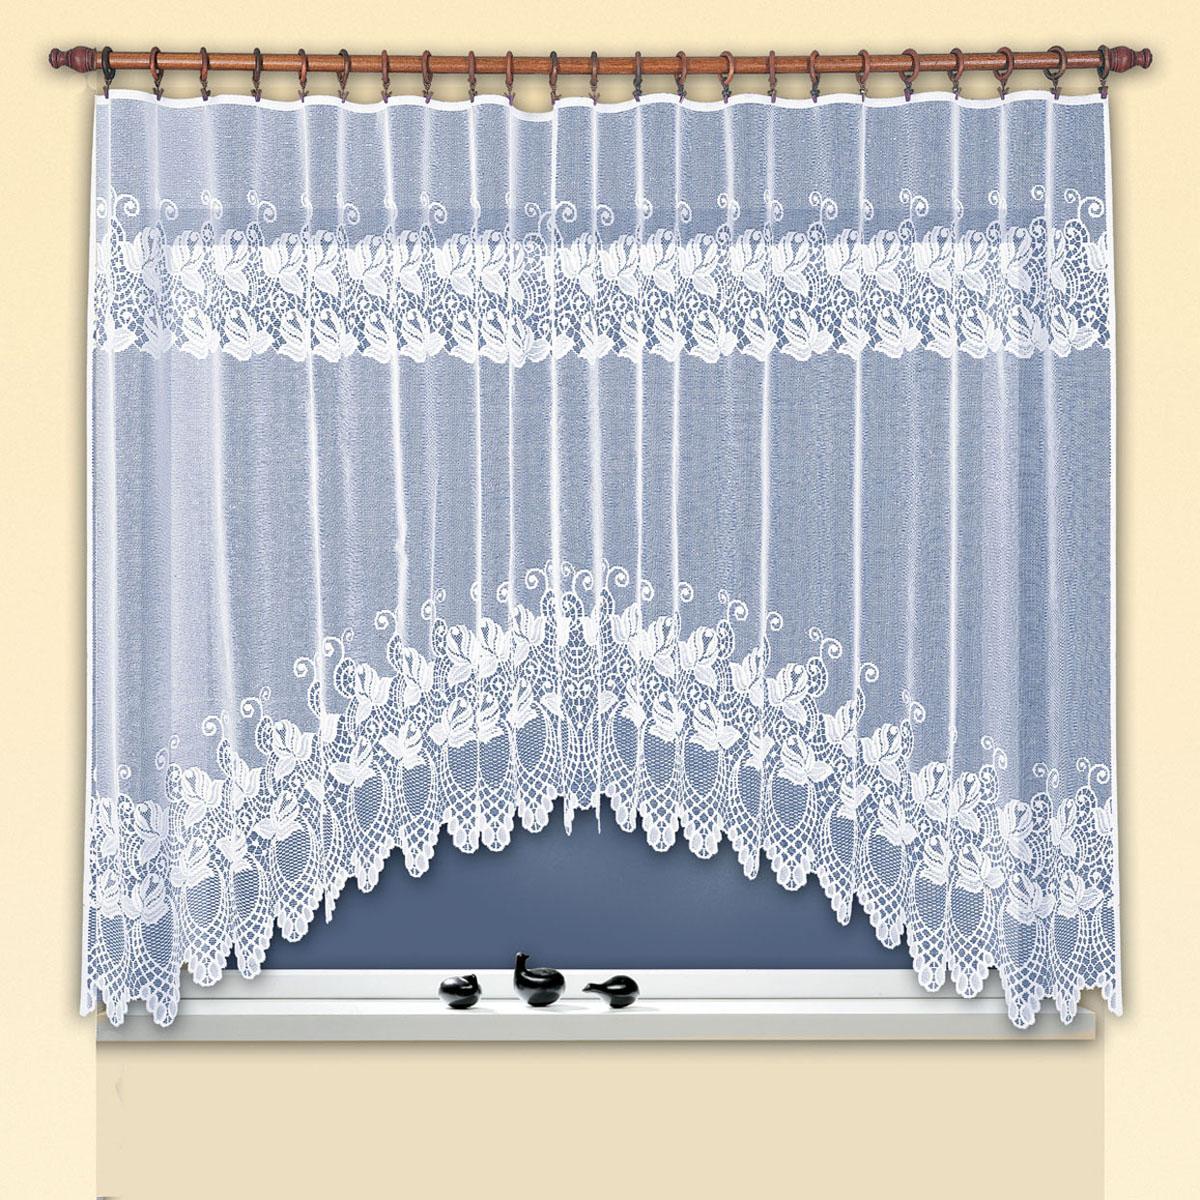 Гардина Haft, цвет: белый, ширина 300 см, высота 160 см. 38180/1605896 терракотЖаккардовая гардина-арка белого цвета для комплекта под балконный блокРазмеры: высота 160см* ширина300см